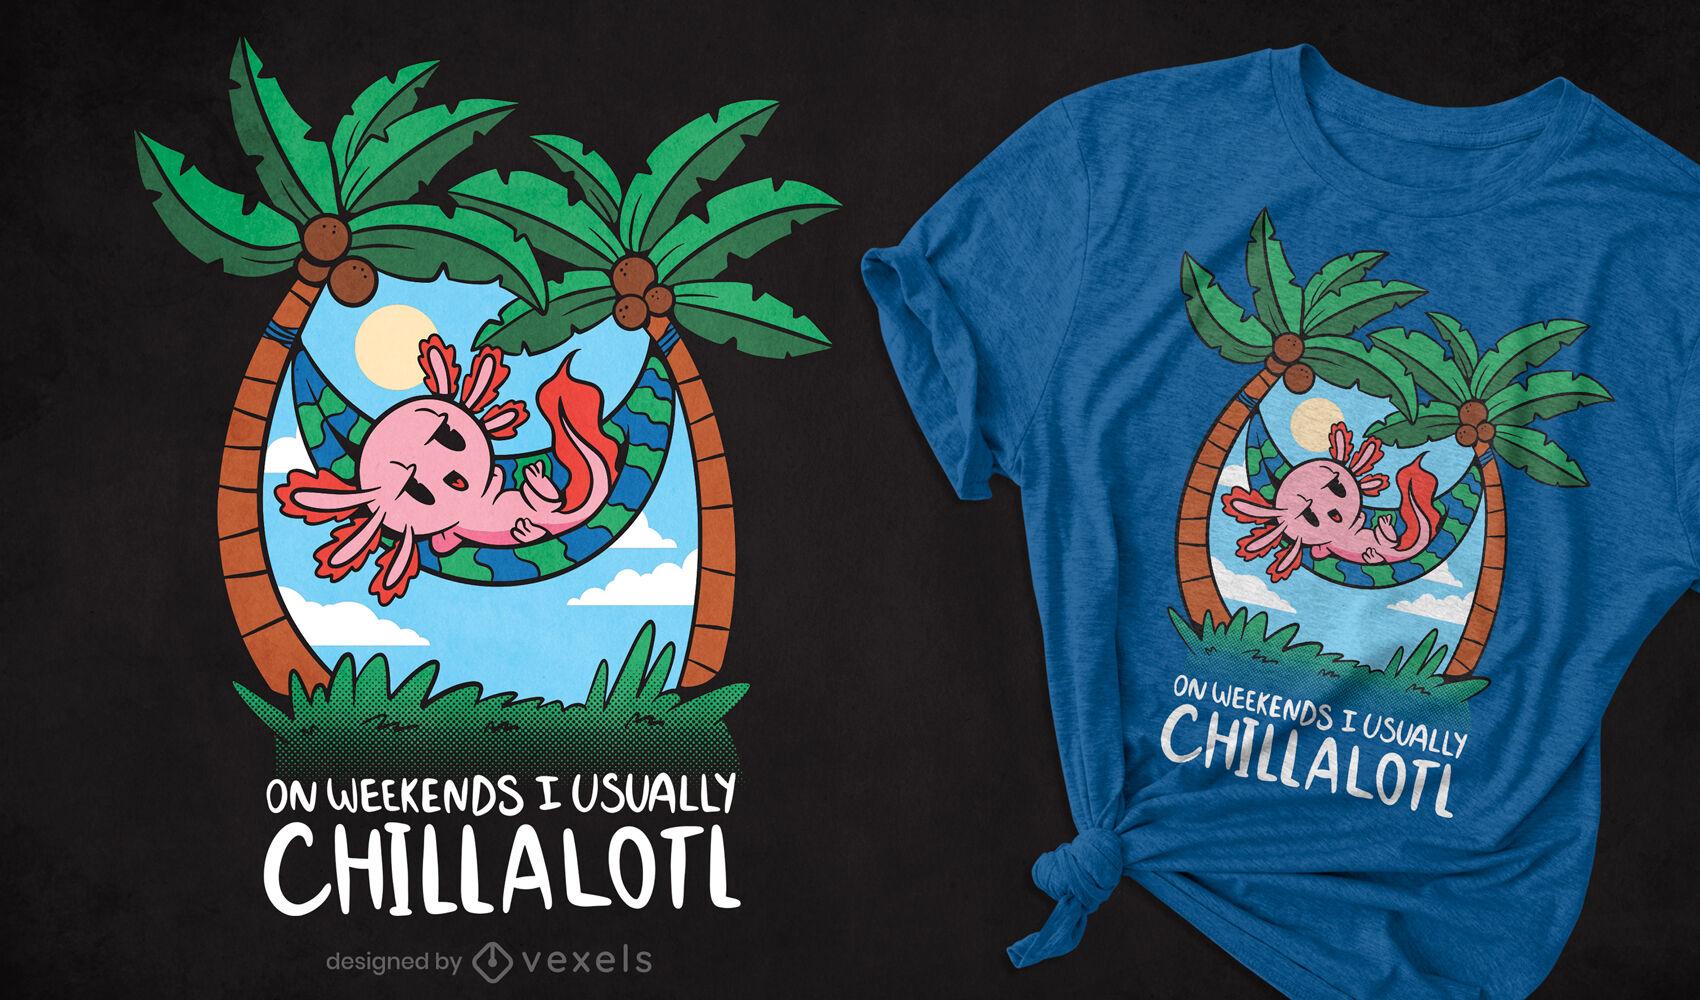 Dise?o de camiseta de dibujos animados escalofriante axolotl